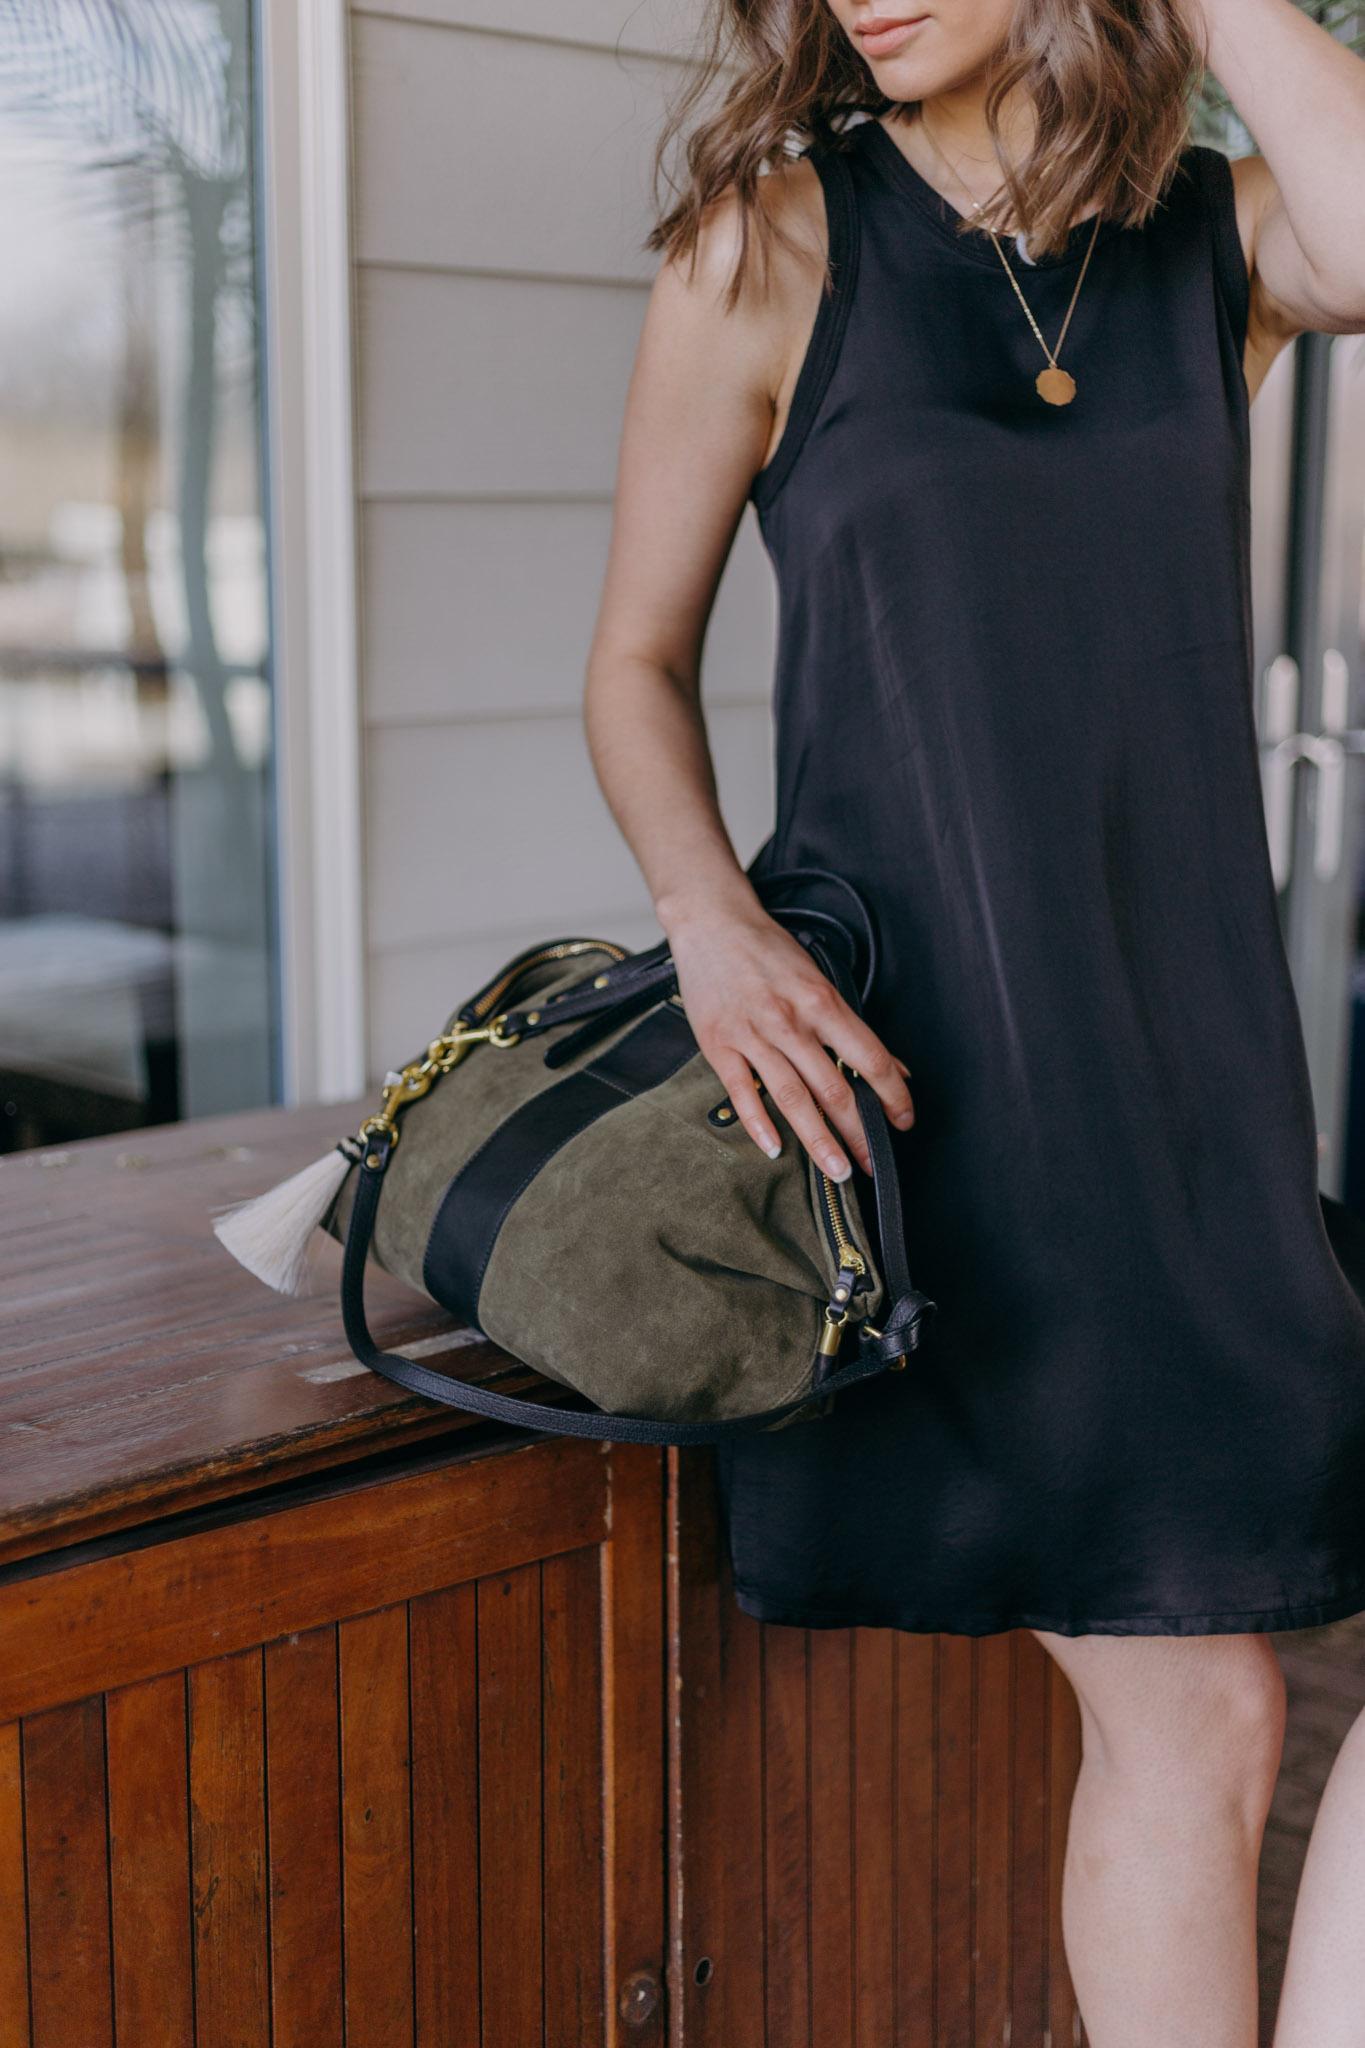 Nation Black Dress and bag.jpg